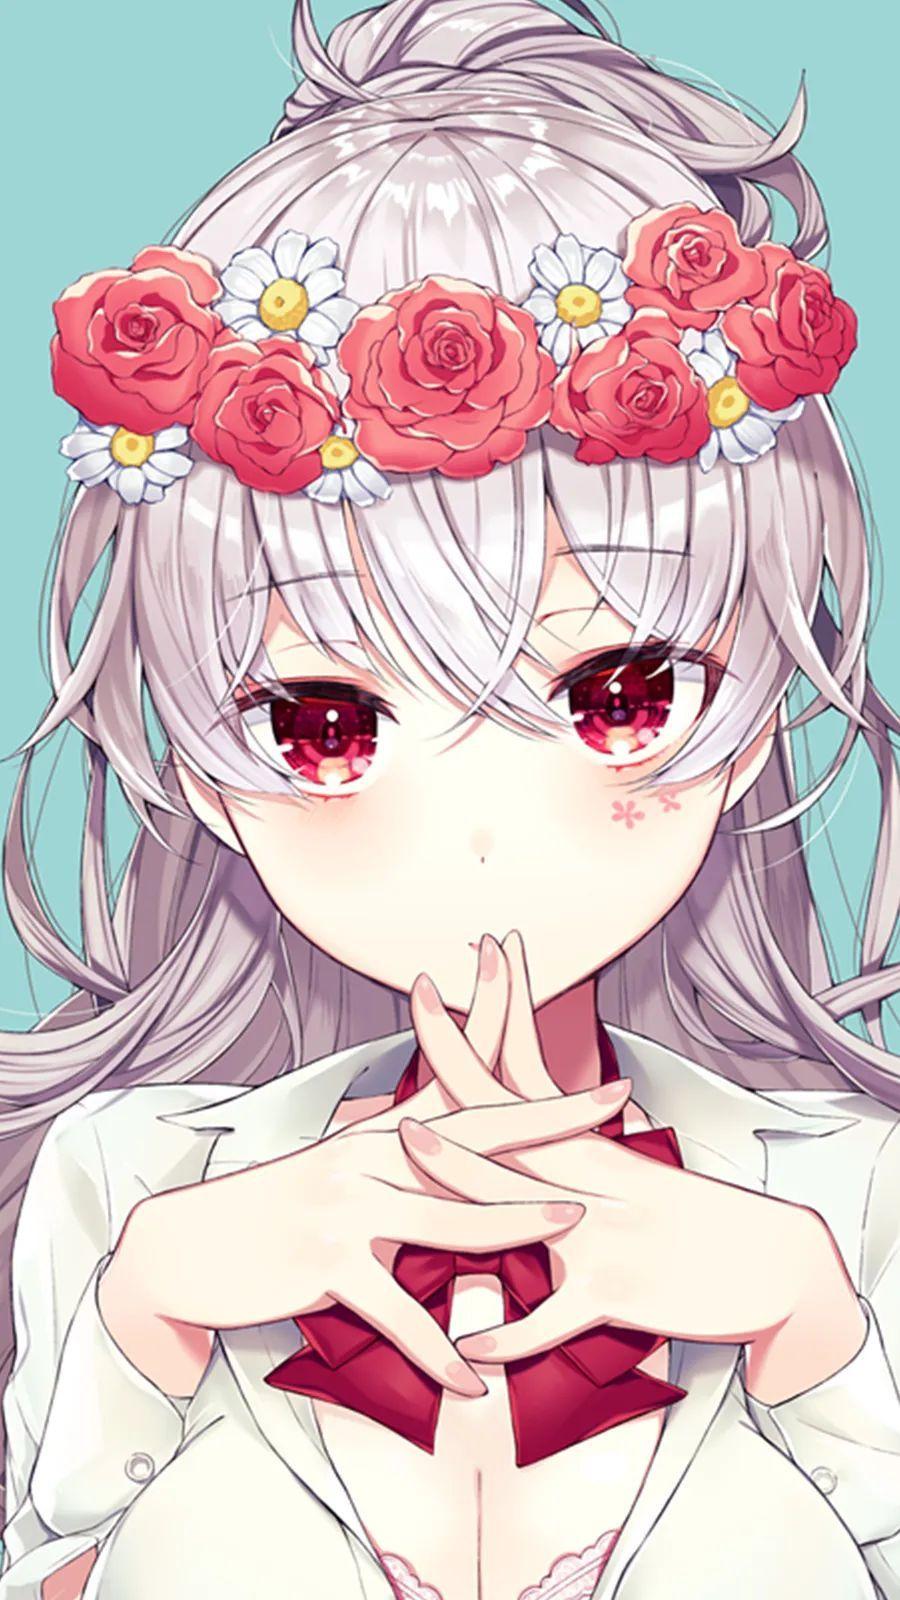 【二次元动漫壁纸】兔女郎学妹也是超级可爱哟(无损下载)_图片 No.8